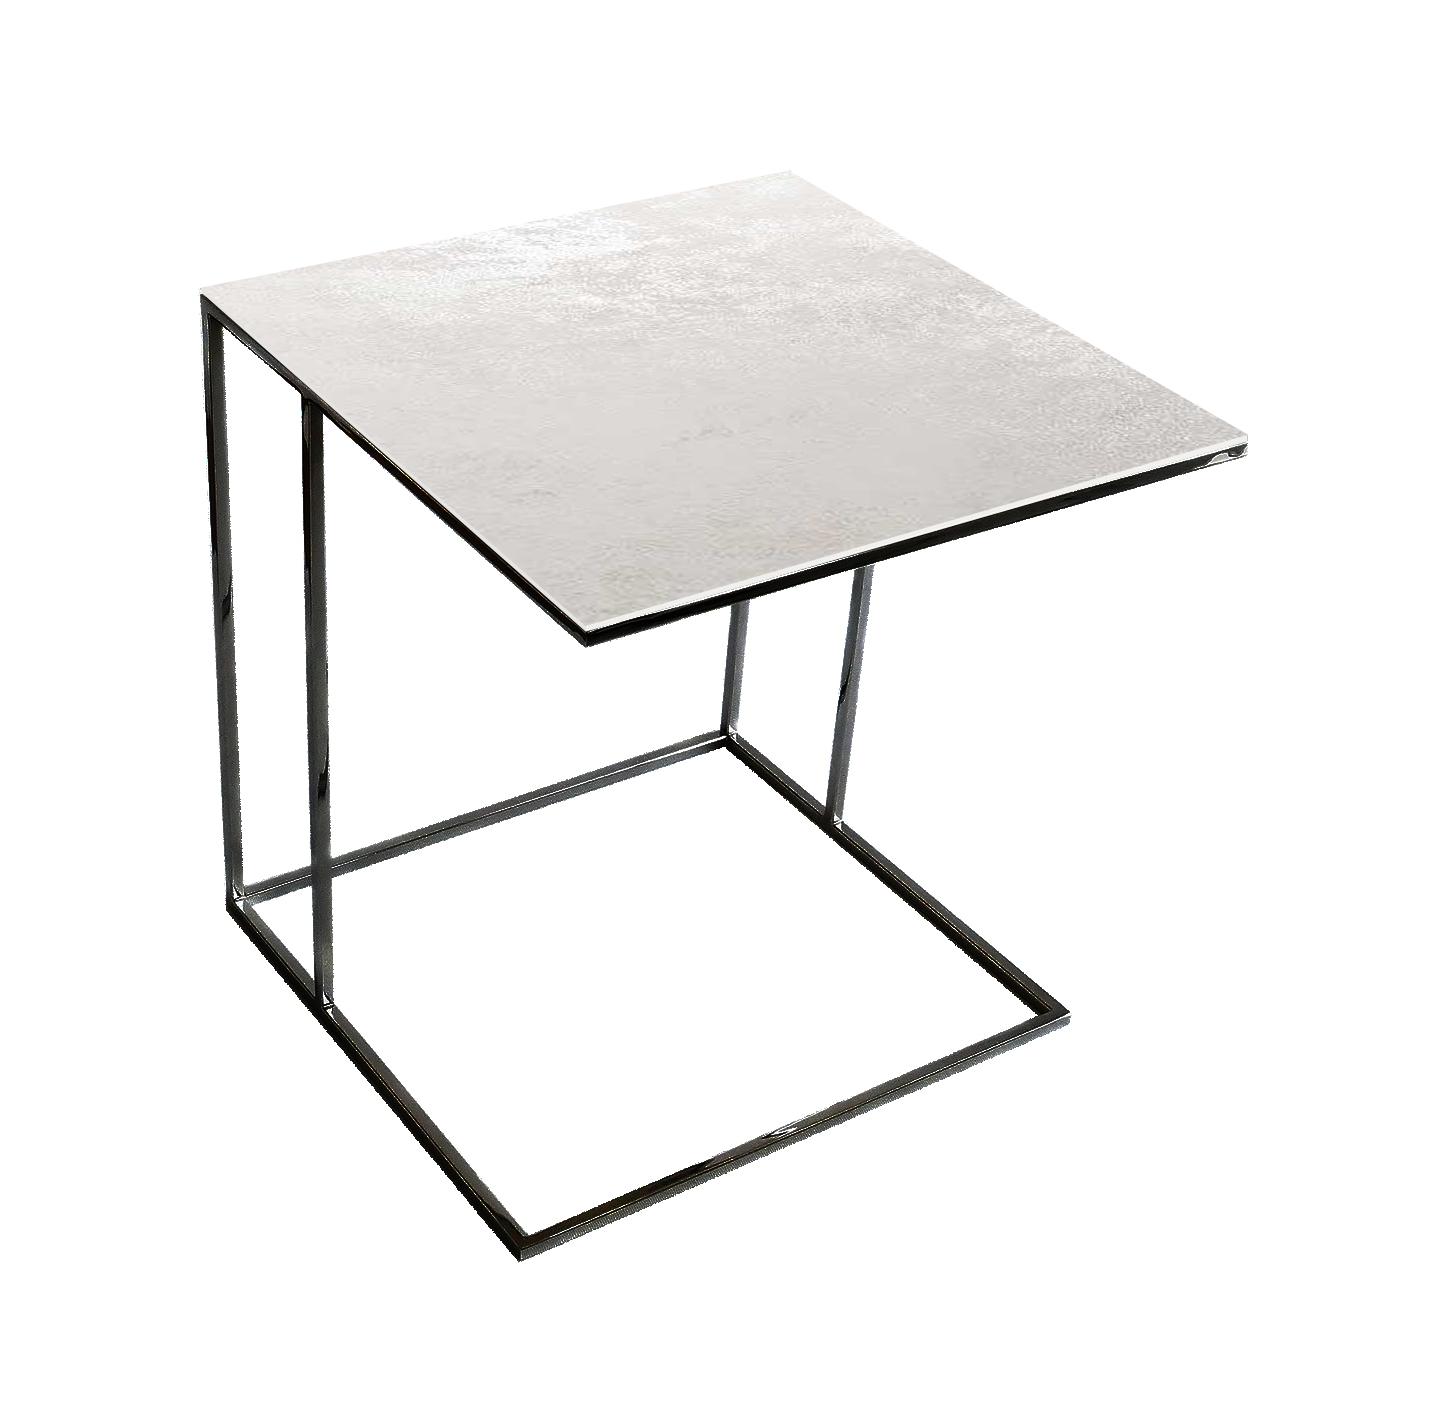 Stolik nadstawka REA furniture LIPARI – blat spiek kwarcowy Laminam oxide bianco – wymiary 50/50/53